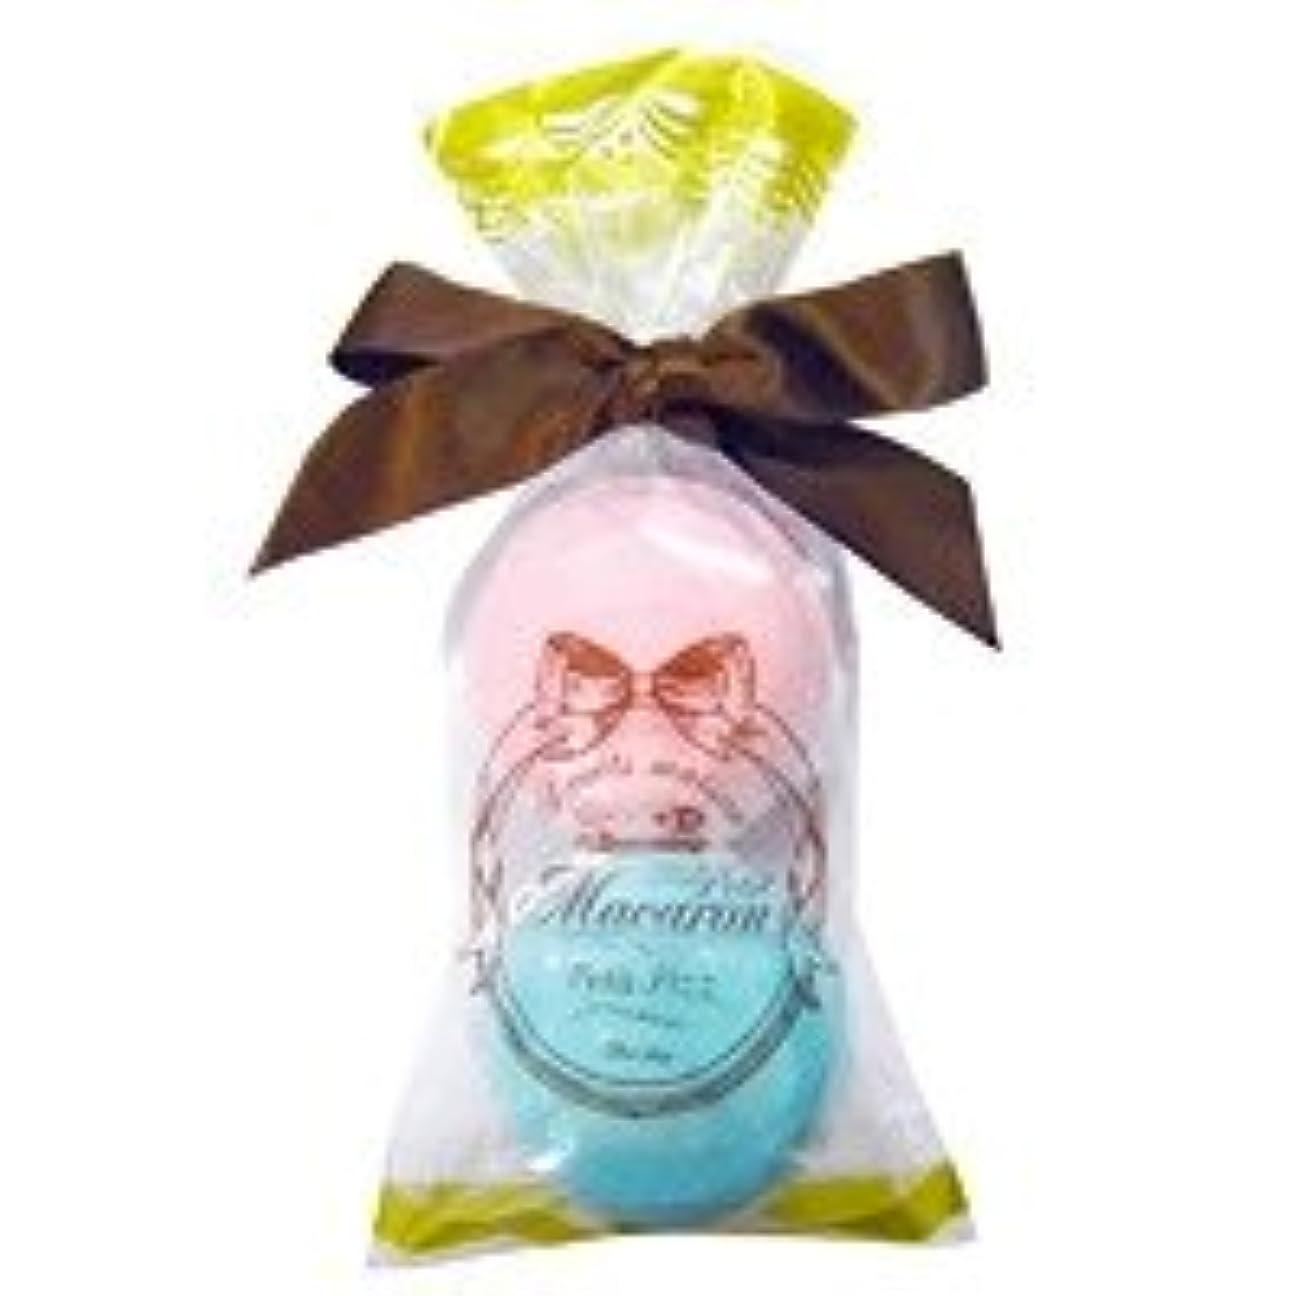 注意過去審判スウィーツメゾン プチマカロンミニセット「ピンク&ターコイズ」6個セット 甘酸っぱいラズベリーの香り&香り豊かなグリーンティの香り